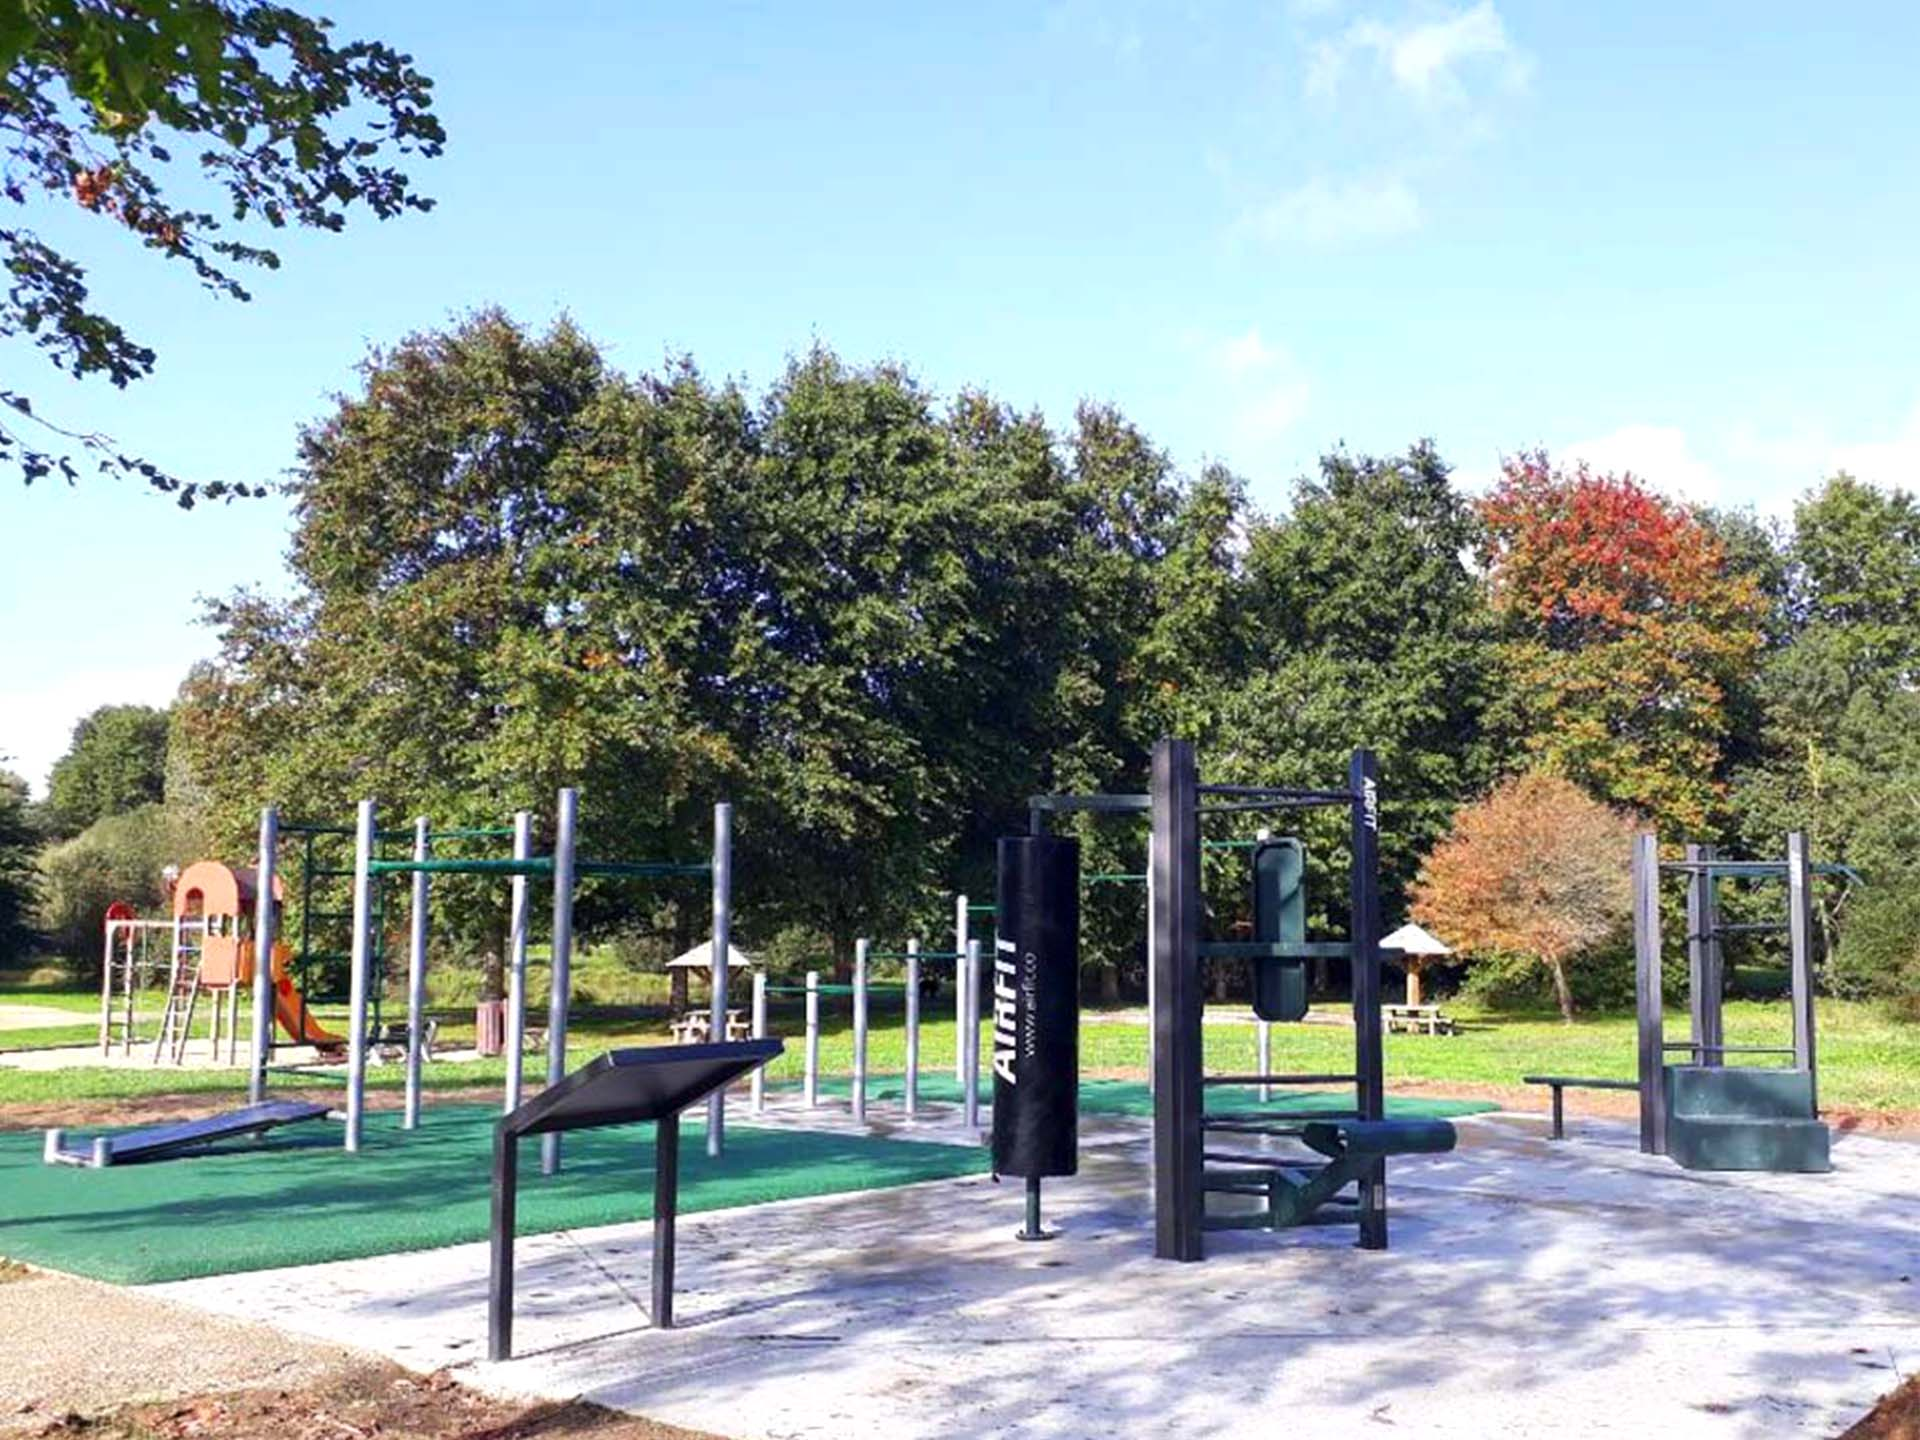 Photo du Plateau sportif du Parc le Charbonneau à Carquefou